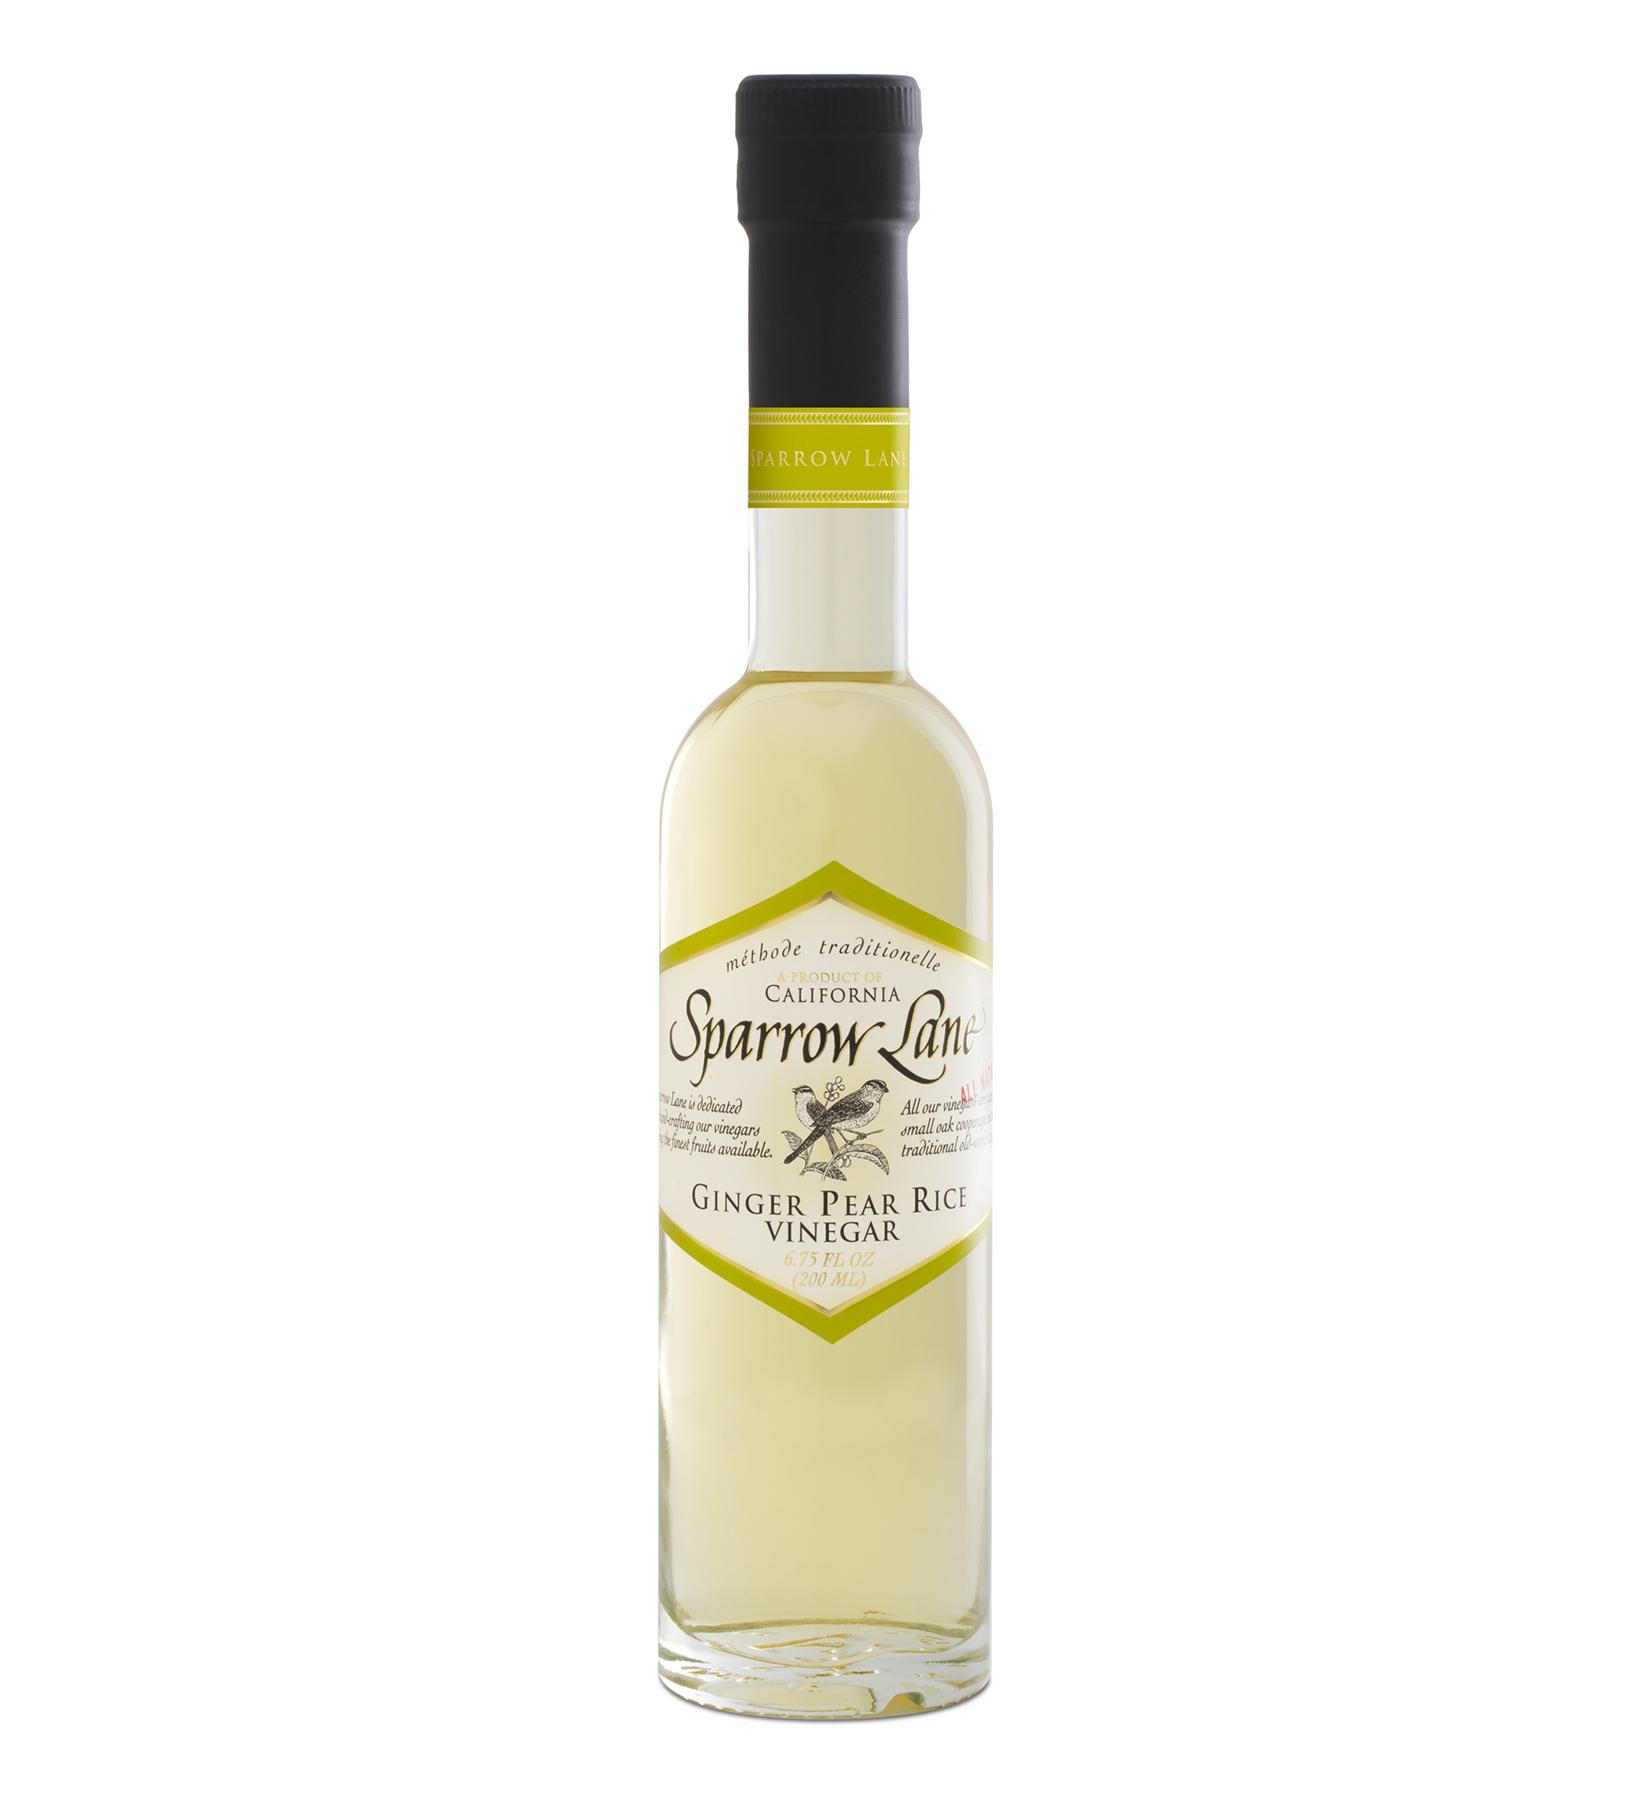 Gin-Pear-Rice-200-1650x1800